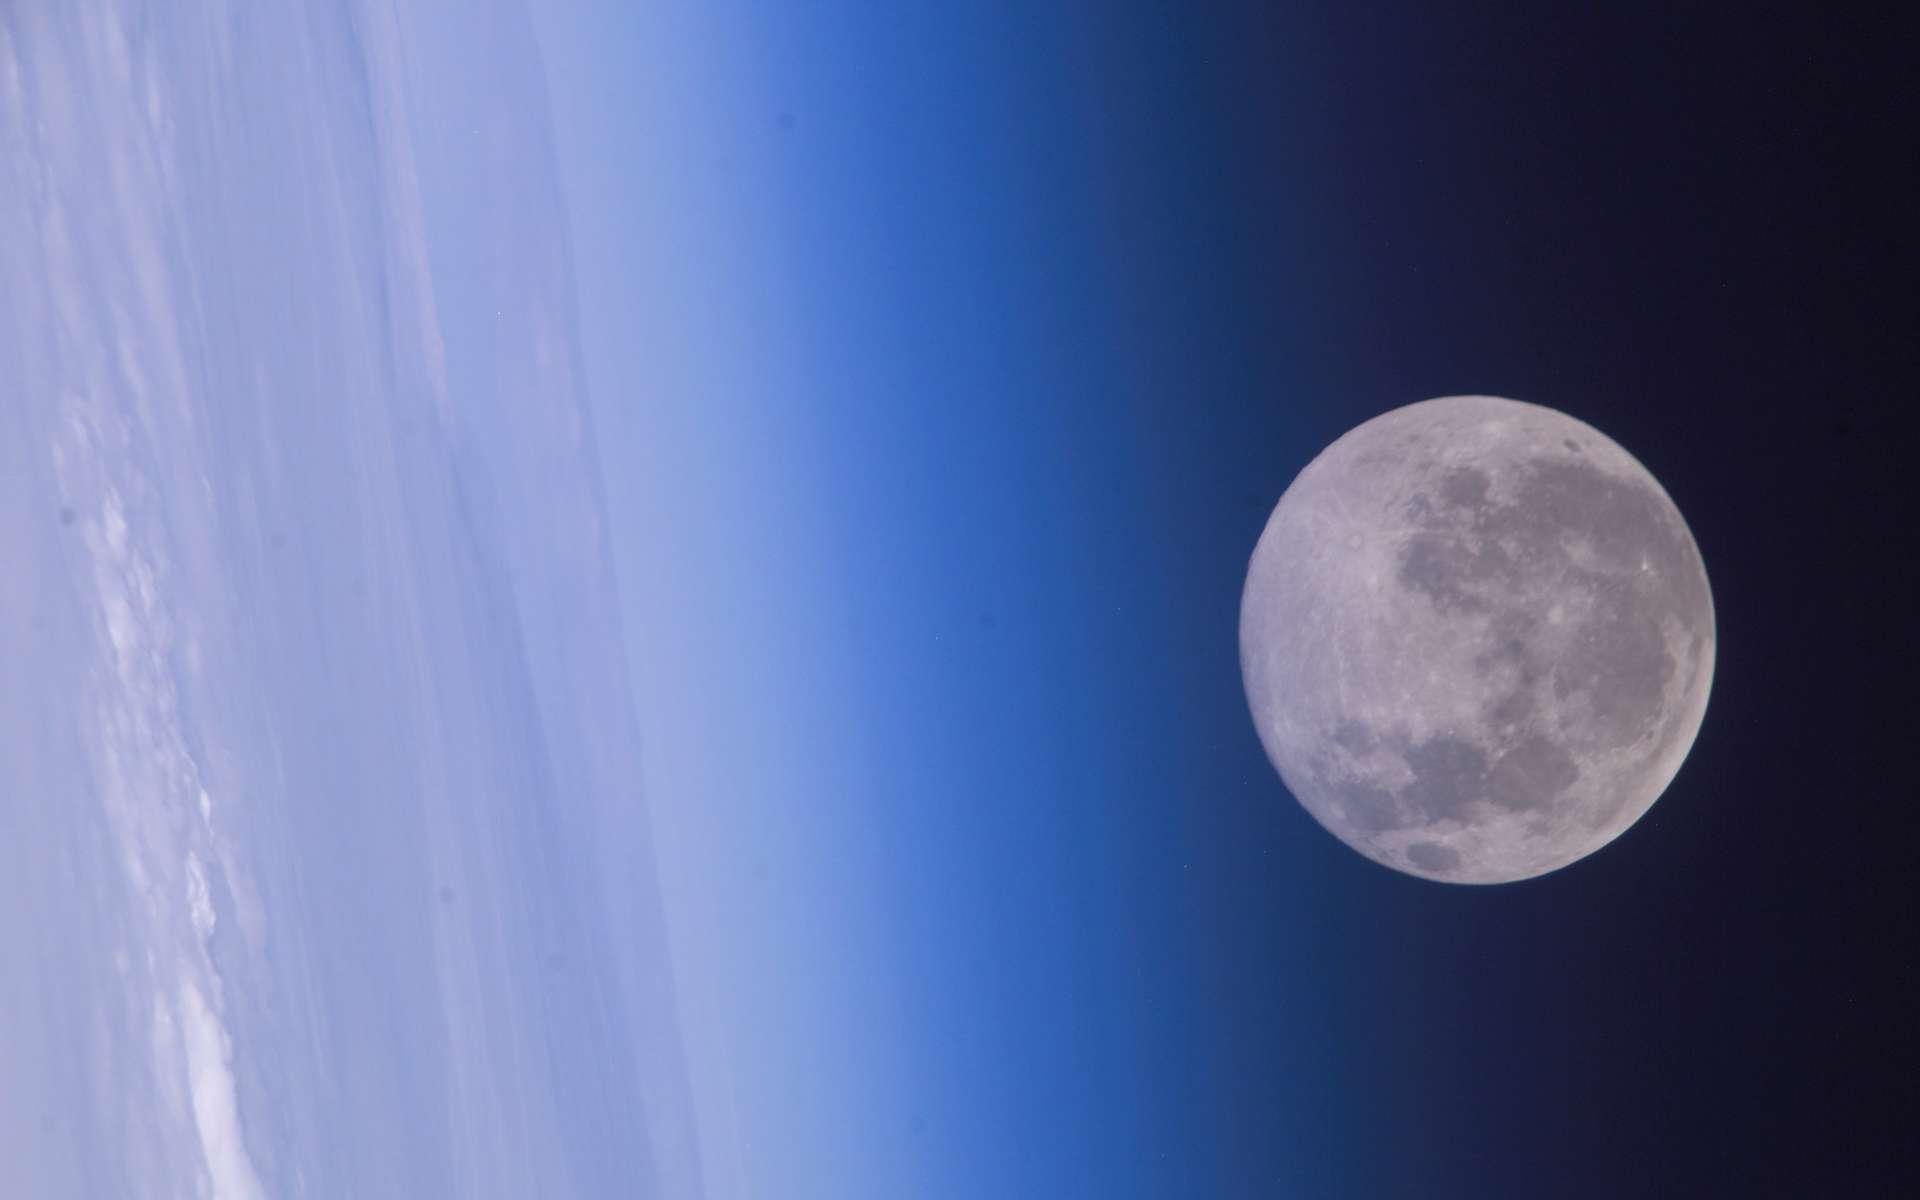 Pour la Russie, la route vers Mars passe par la Lune. Tirant des leçons de l'échec de la mission Phobos-Grunt, l'Agence spatiale russe Roscosmos planifie un nouveau programme d'exploration robotique. © Nasa